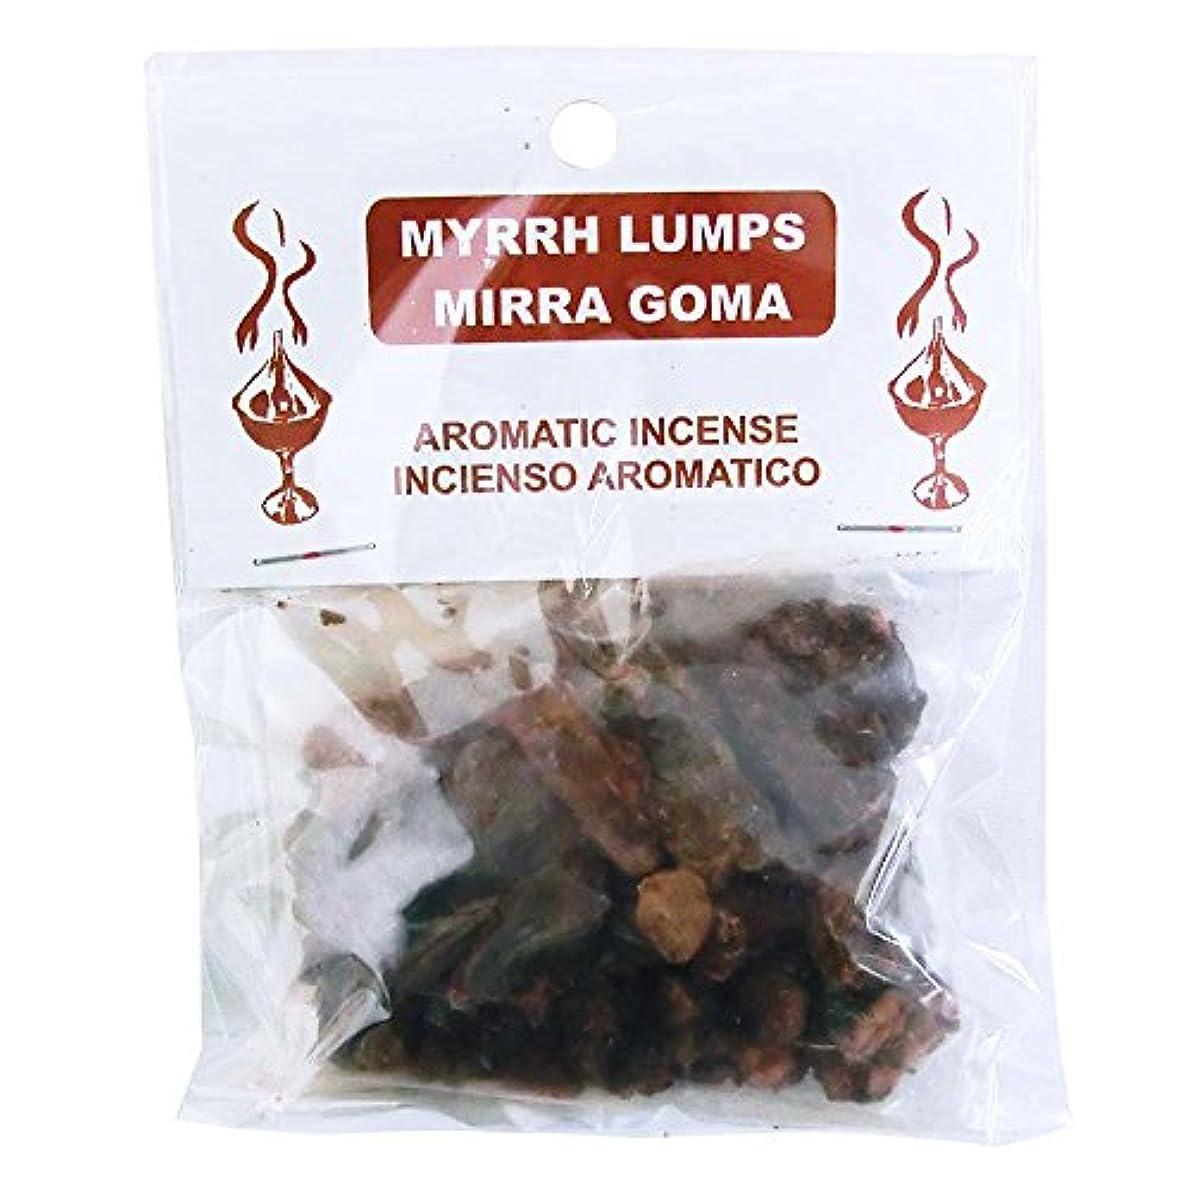 広範囲に読むスーダン3KINGS Resin Incense(ヨルダンの聖別香) Myrrh Lumps